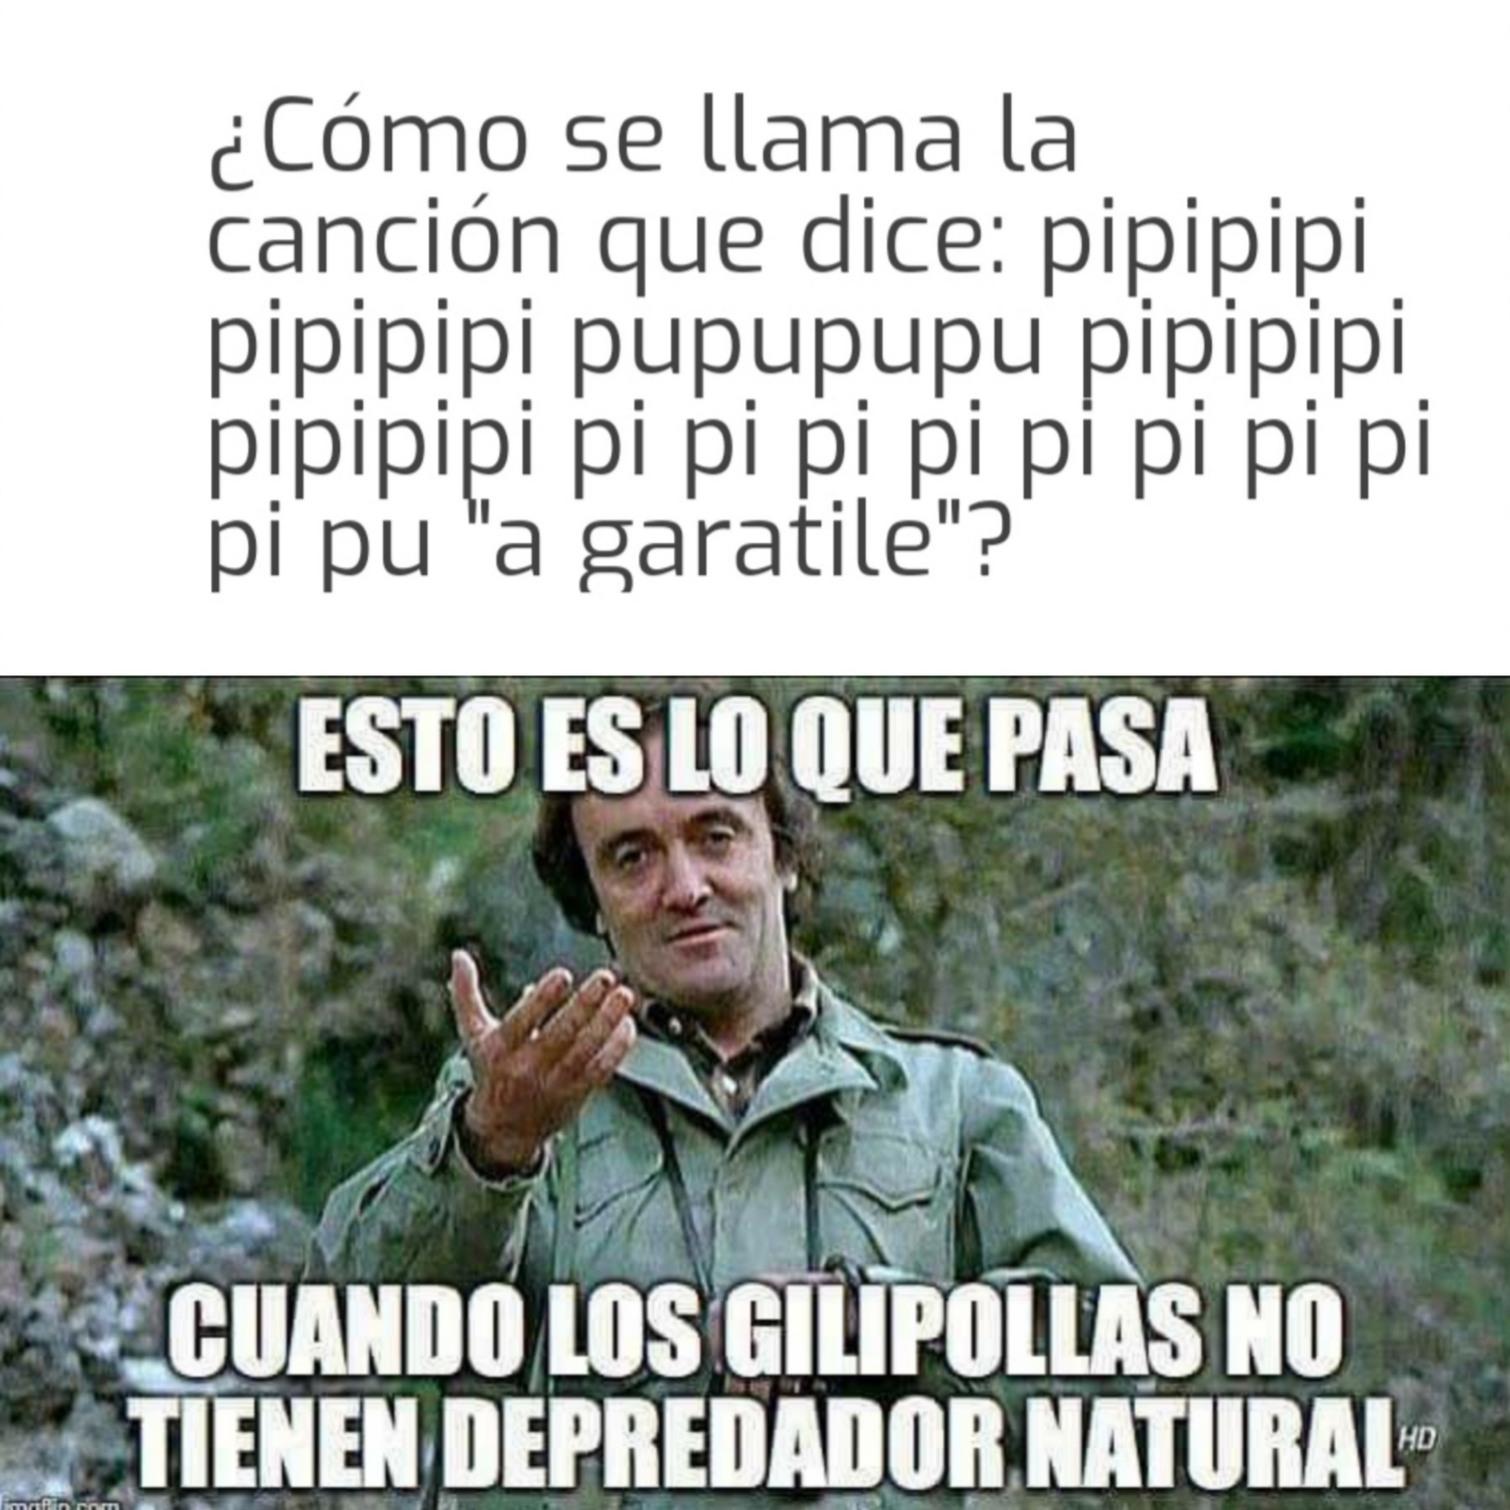 LA CANCIÓN - meme